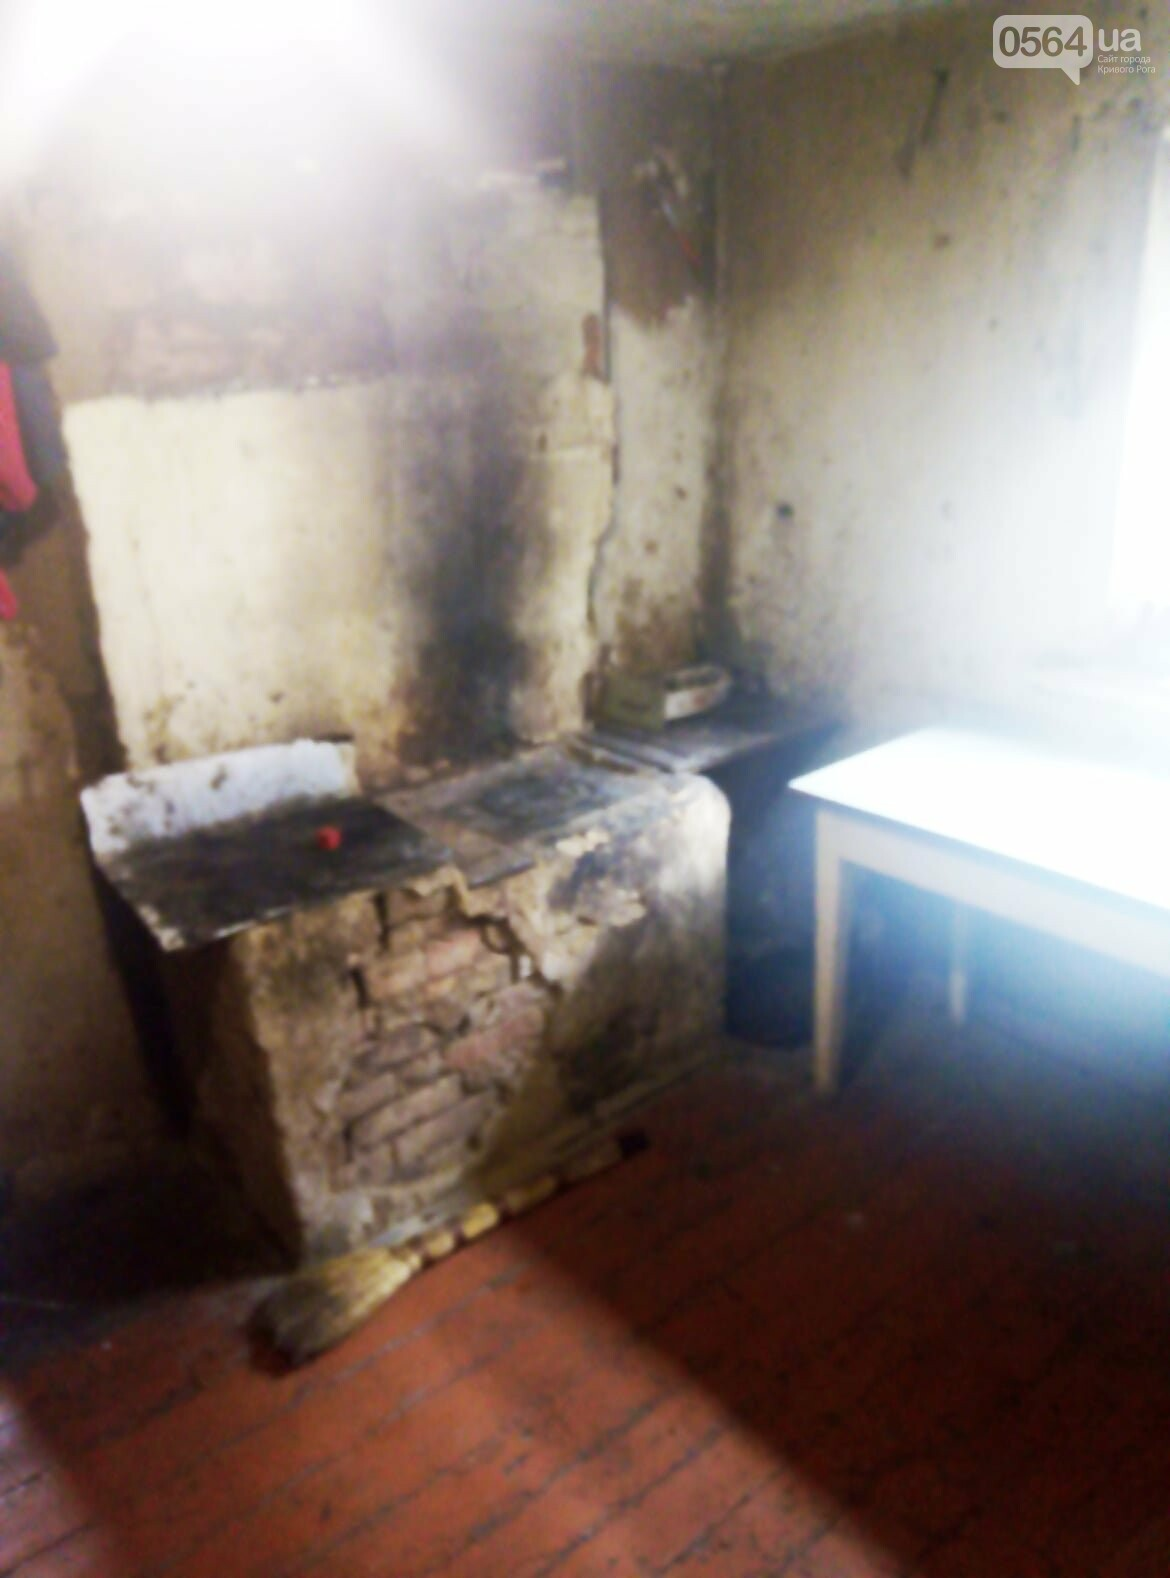 Замерзшие и голодные: в Кривом Роге у семьи изъяли четверых детей - ФОТО, фото-3